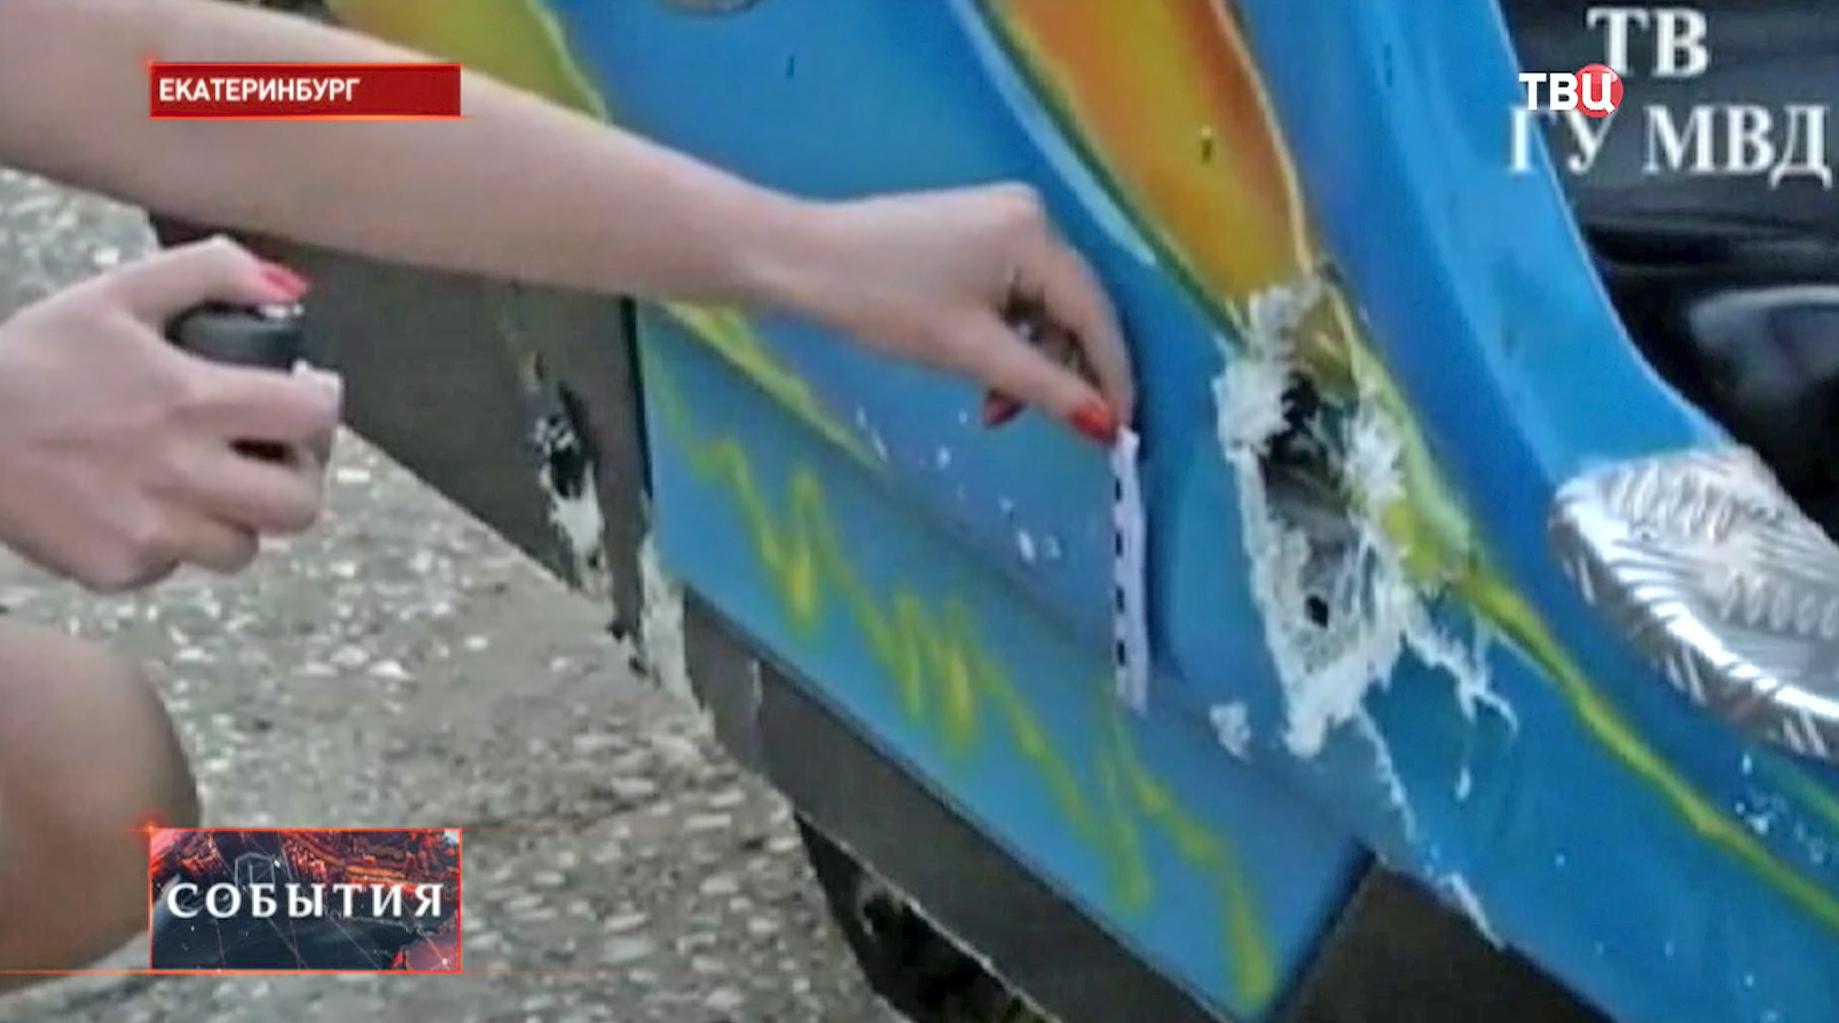 Разбитая кабинка на аттракционе в Екатеринбурге